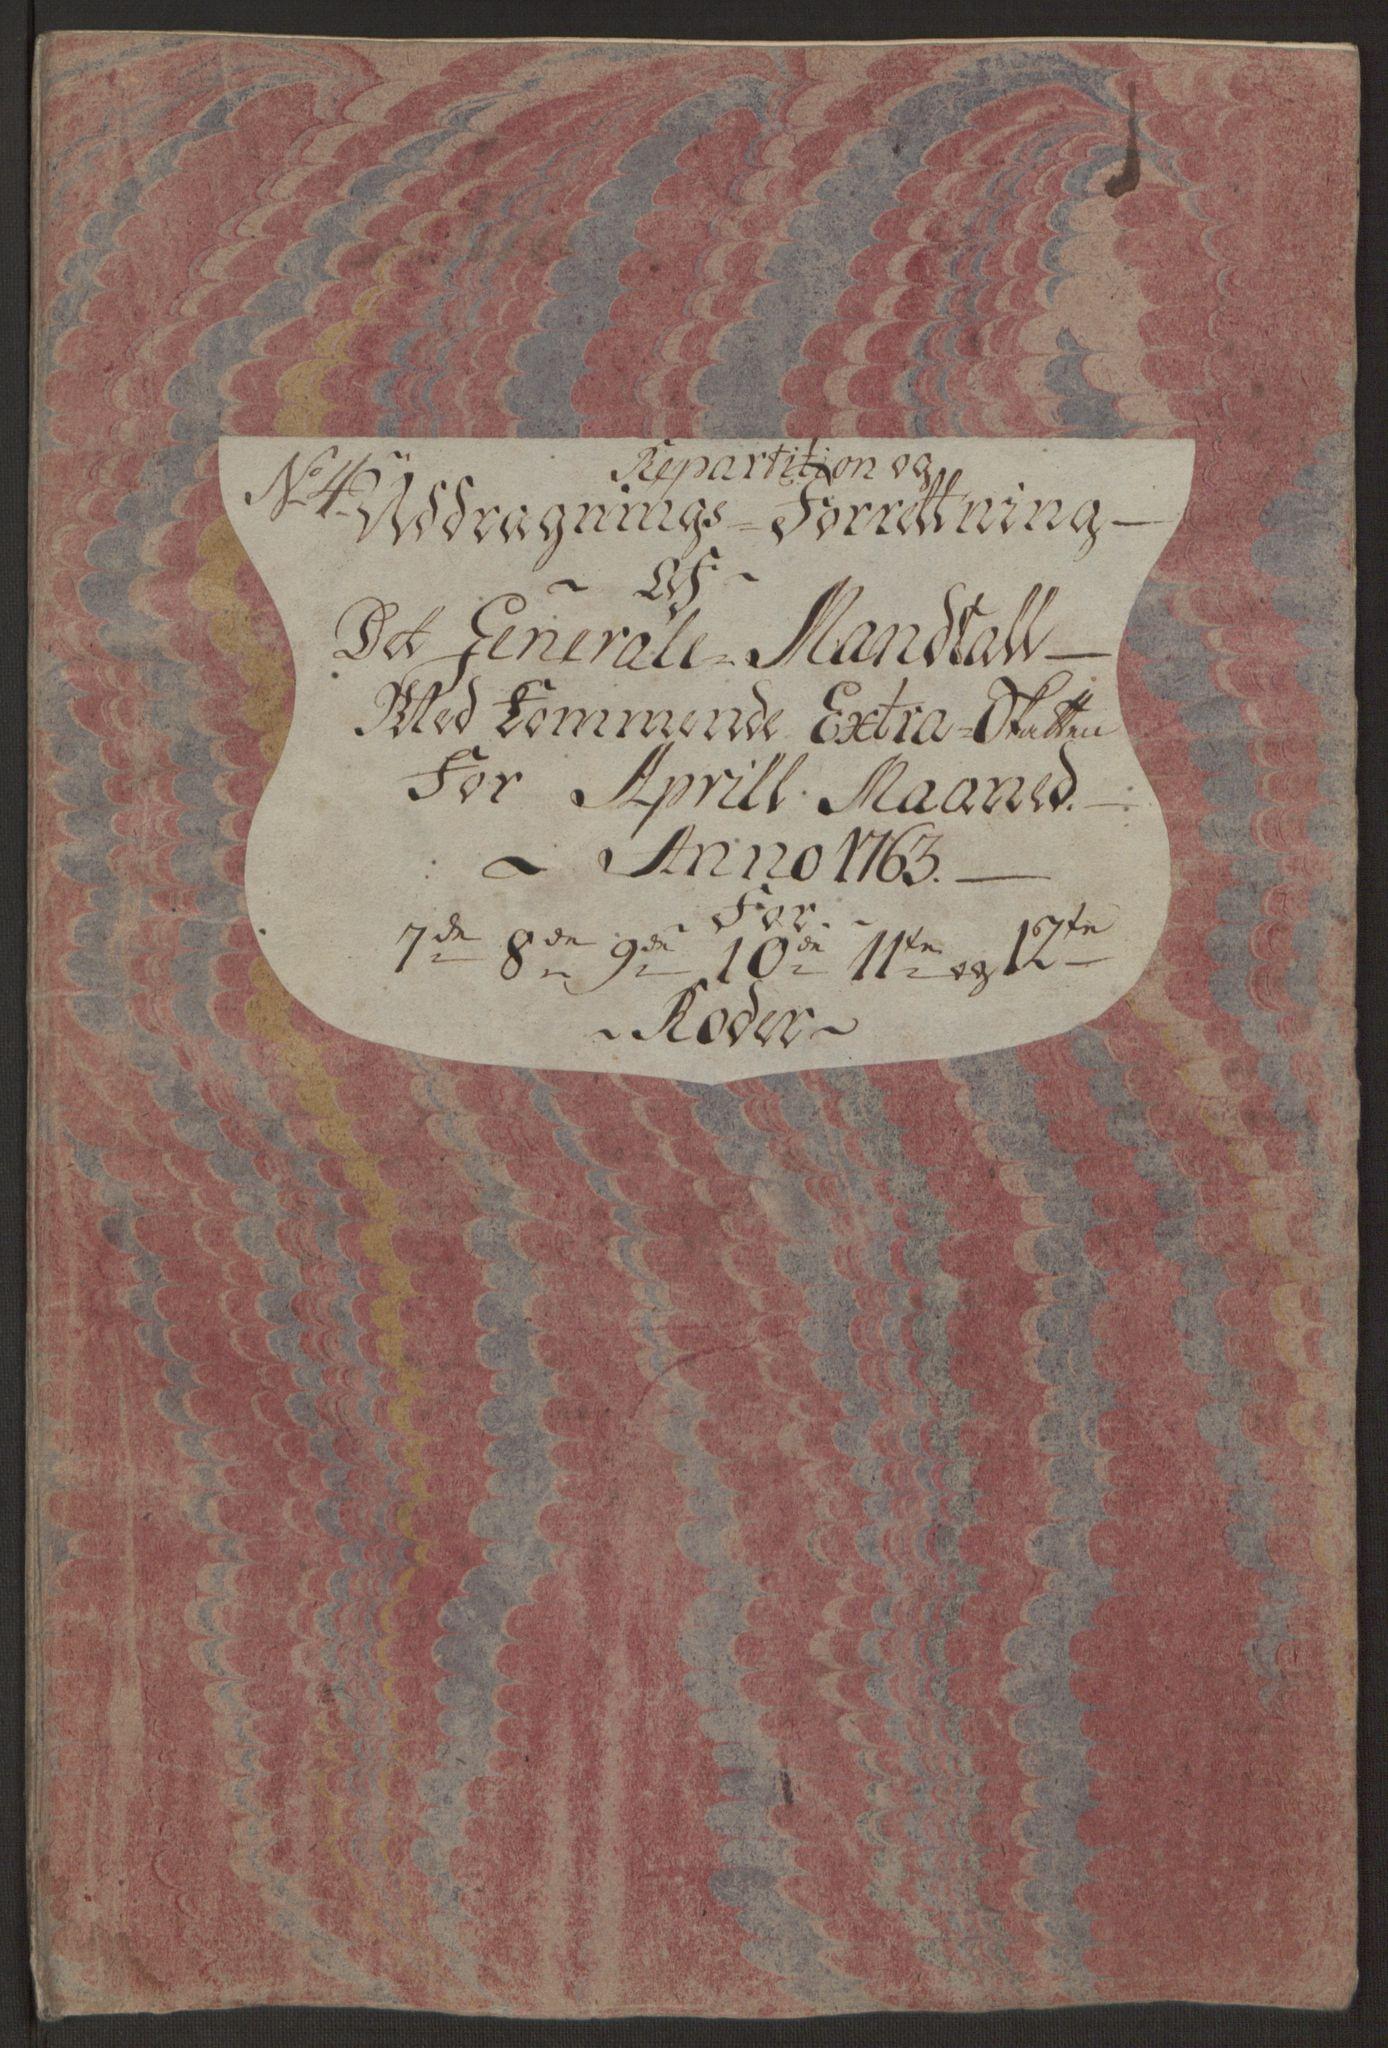 RA, Rentekammeret inntil 1814, Reviderte regnskaper, Byregnskaper, R/Rp/L0366: [P20] Kontribusjonsregnskap, 1763, s. 206